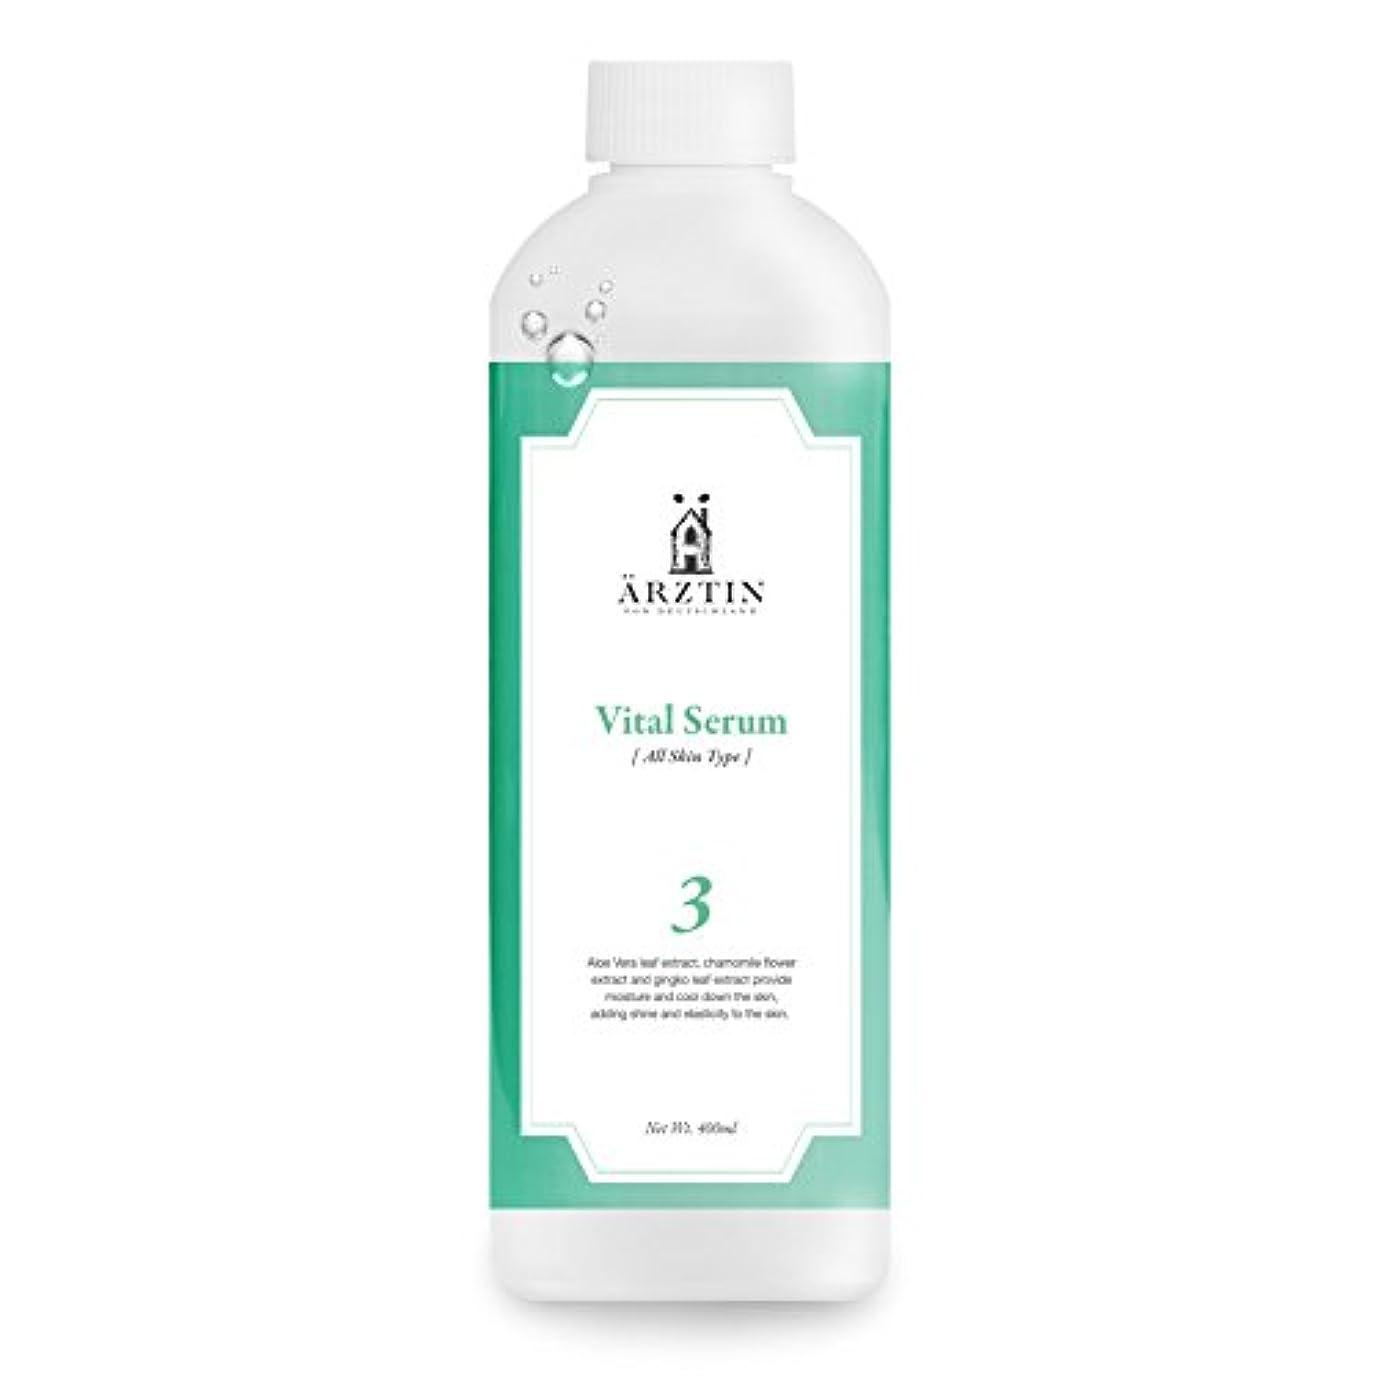 理論うまくいけば戦艦(エルツティン) Arztin バイタルセラム ブログで噂のコスメ 化粧水 スキンケア 機能性化粧品 韓国コスメ